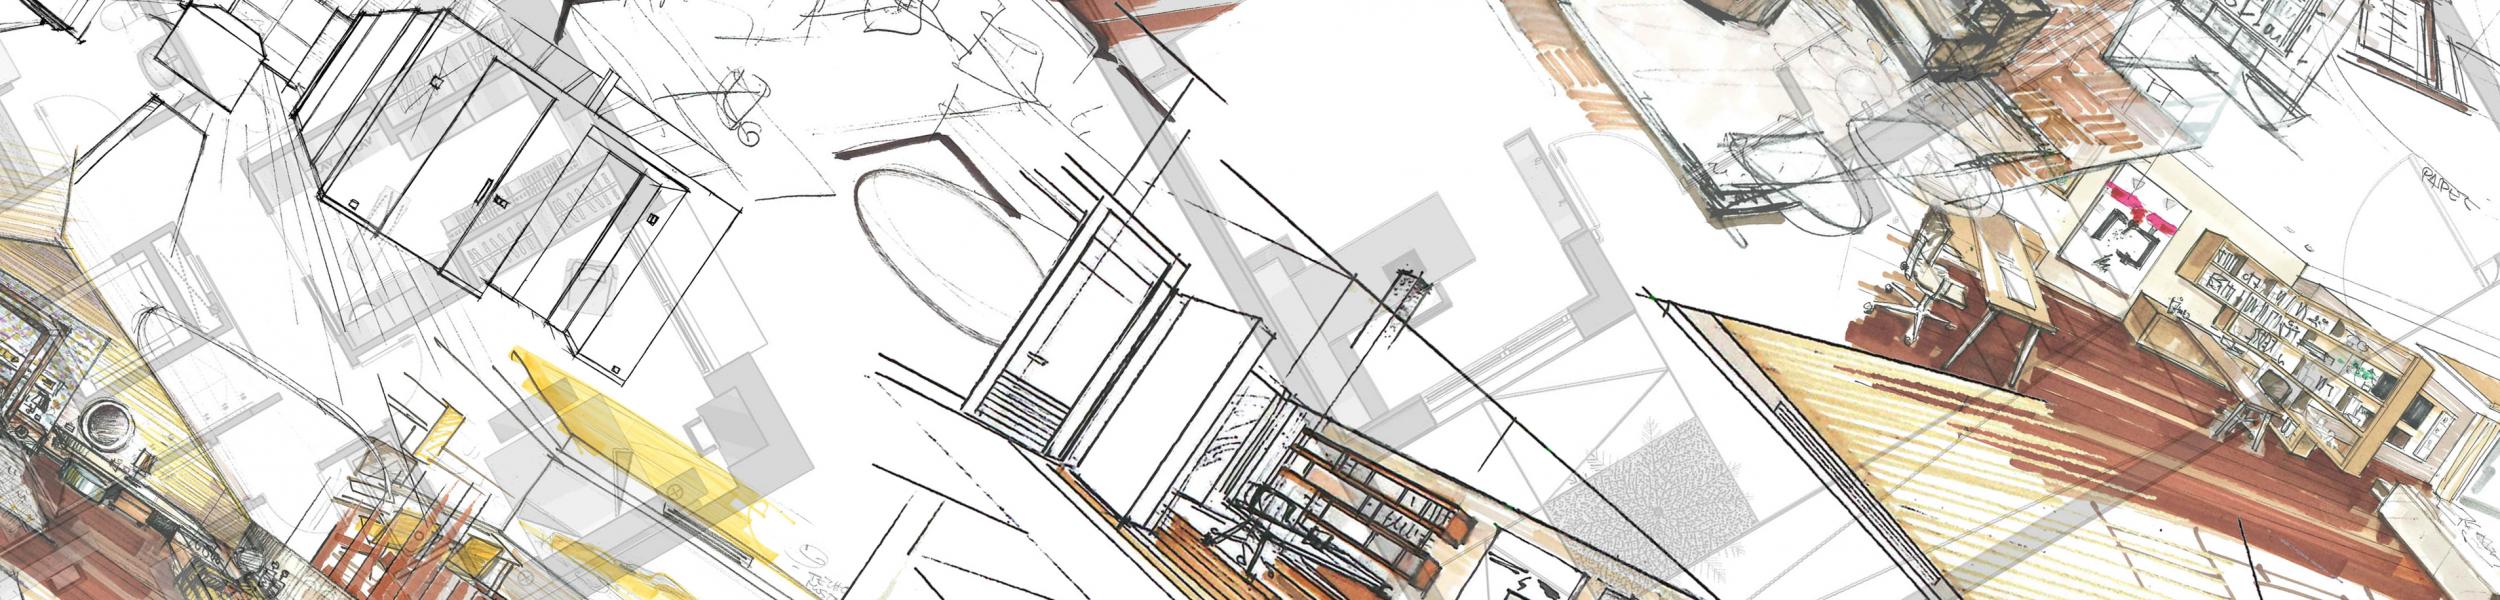 ¿Qué servicios realizamos? :: Servicios :: Díaz Cano Interior Design, Estudio de interiorismo Valencia, Decoración Valencia, Gestión integral de obras Valencia.